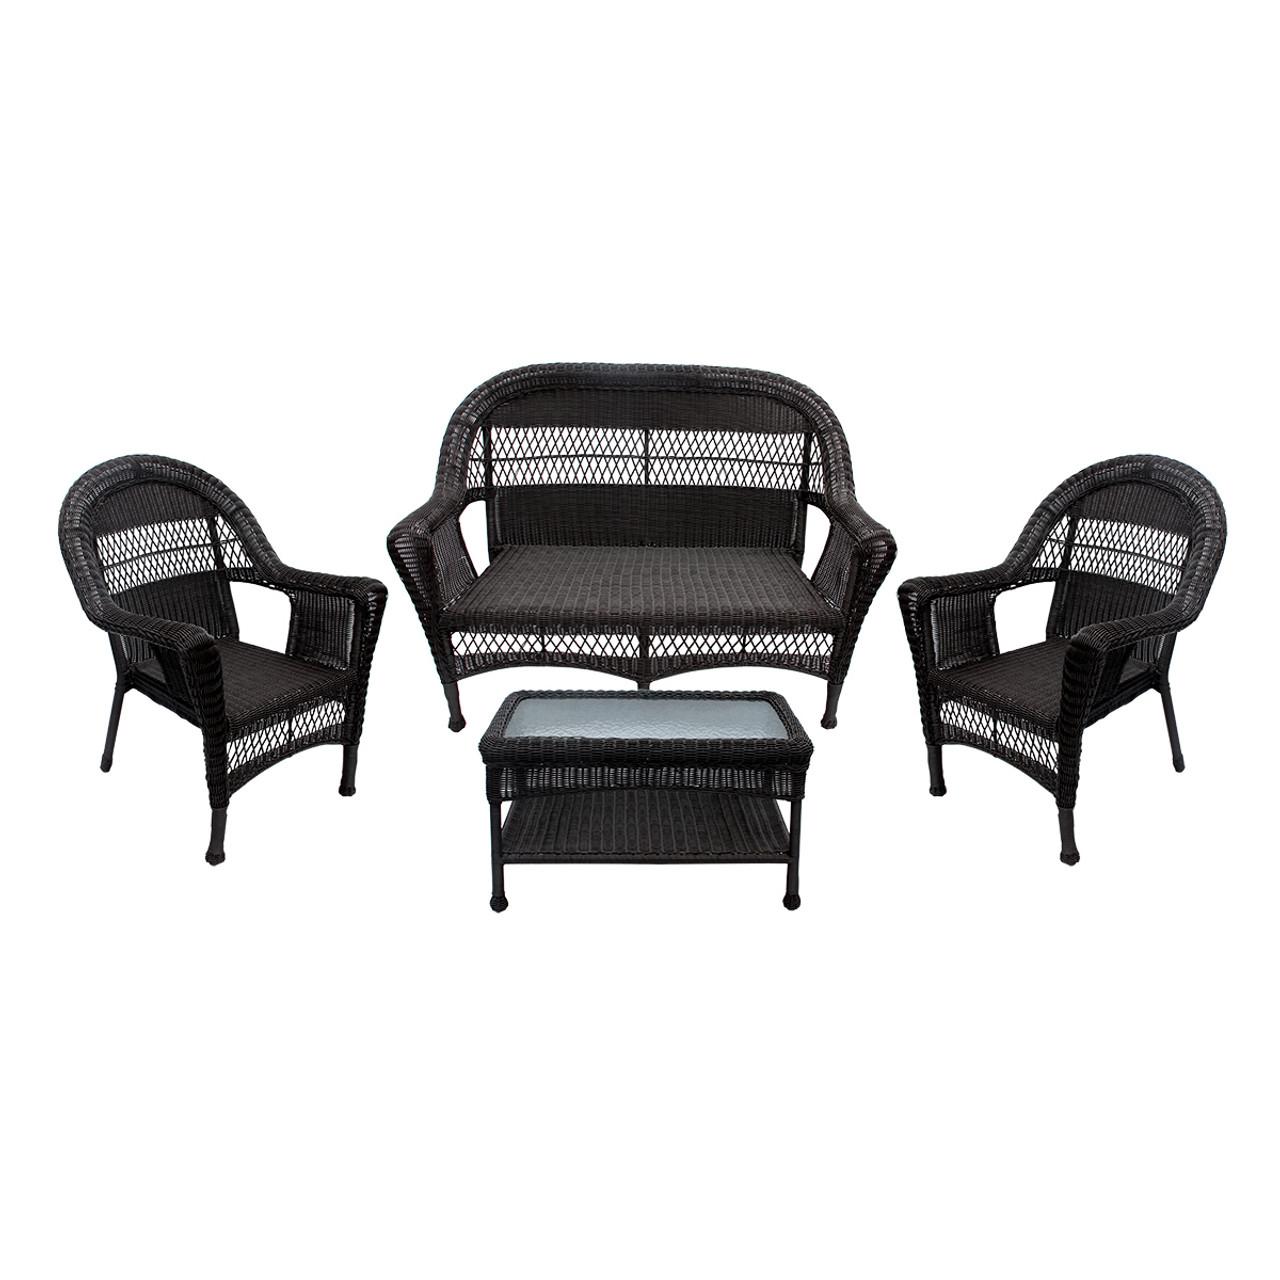 4 piece dark brown resin wicker patio furniture set 53